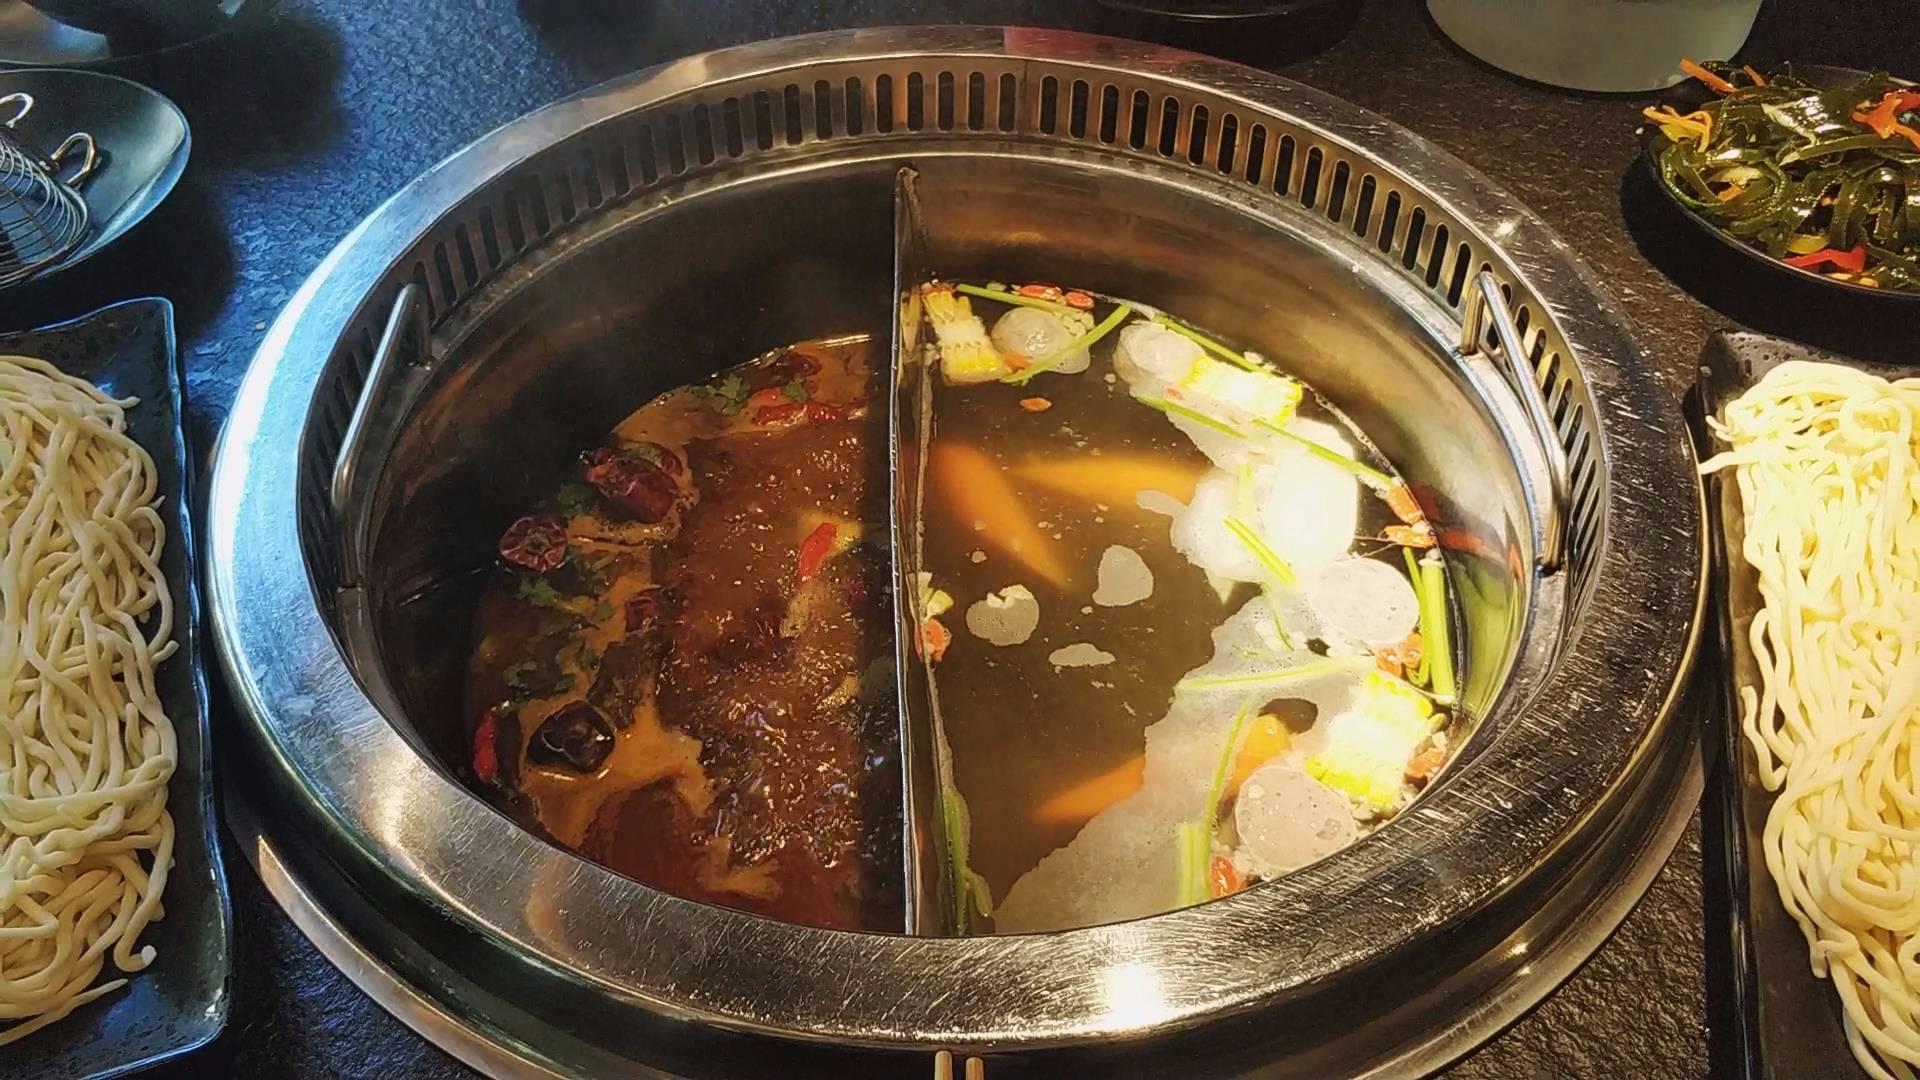 去火锅店只点一个锅底,不点菜直接煮面,会不会被老板给轰出去?